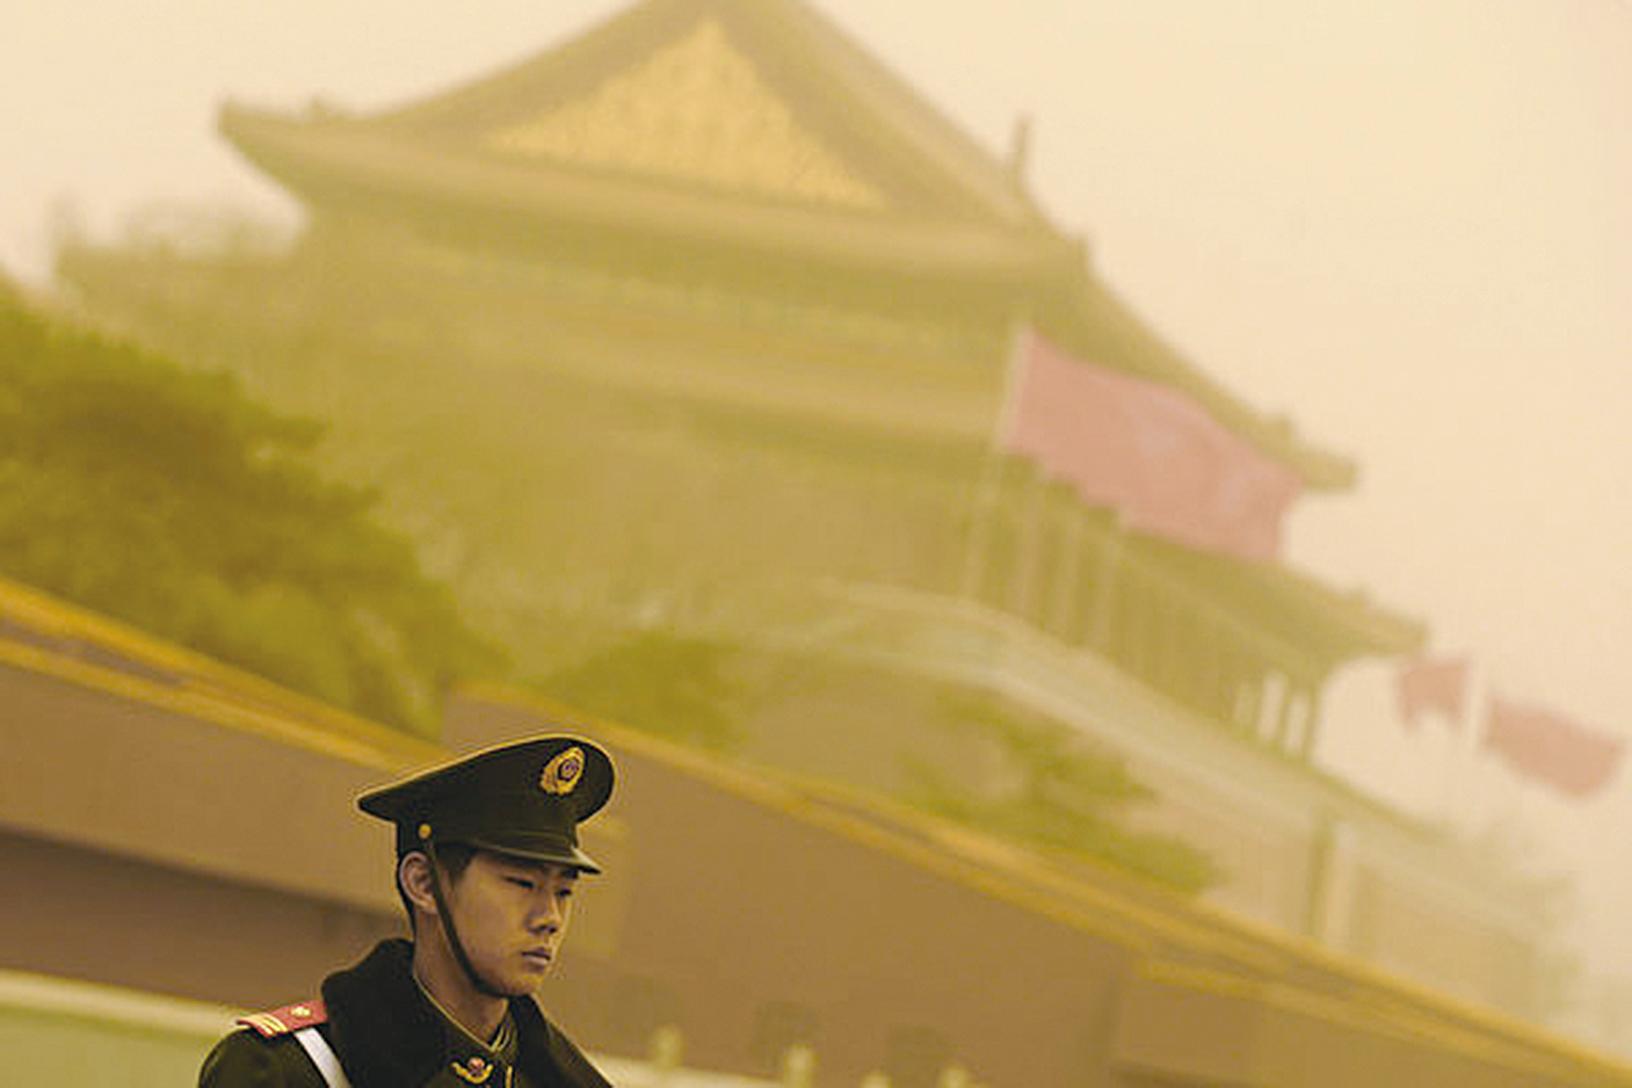 北京戰狼式四處出擊,美近日六大動作指向中共。 圖為資料圖。(LIU JIN/AFP)